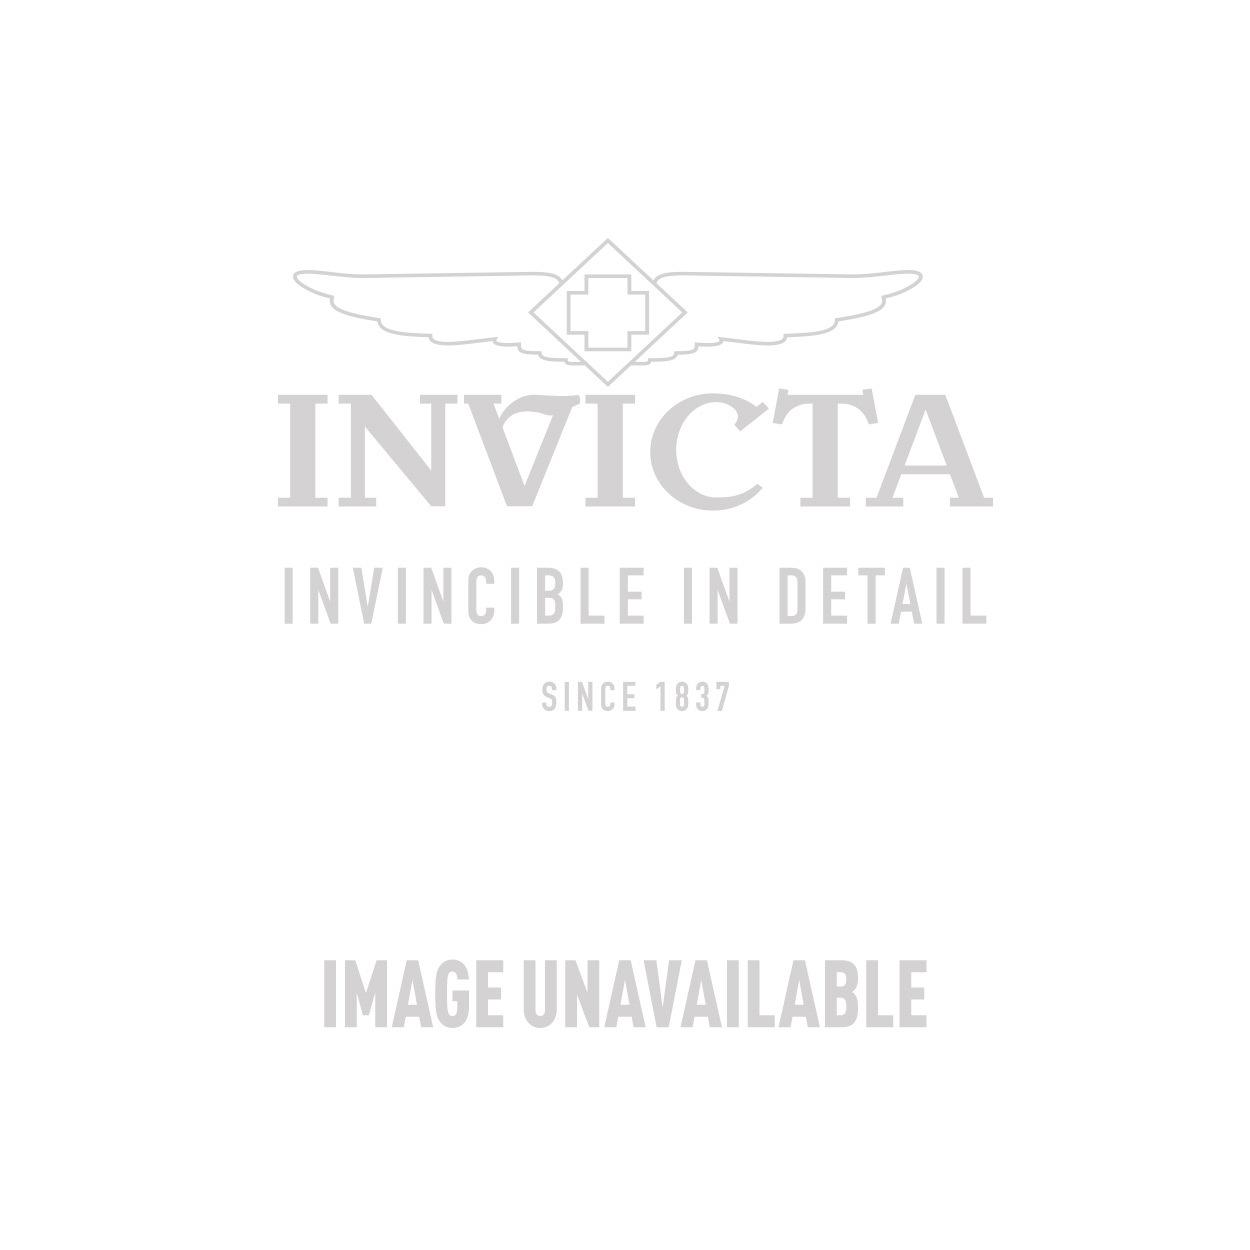 Invicta Model 23952